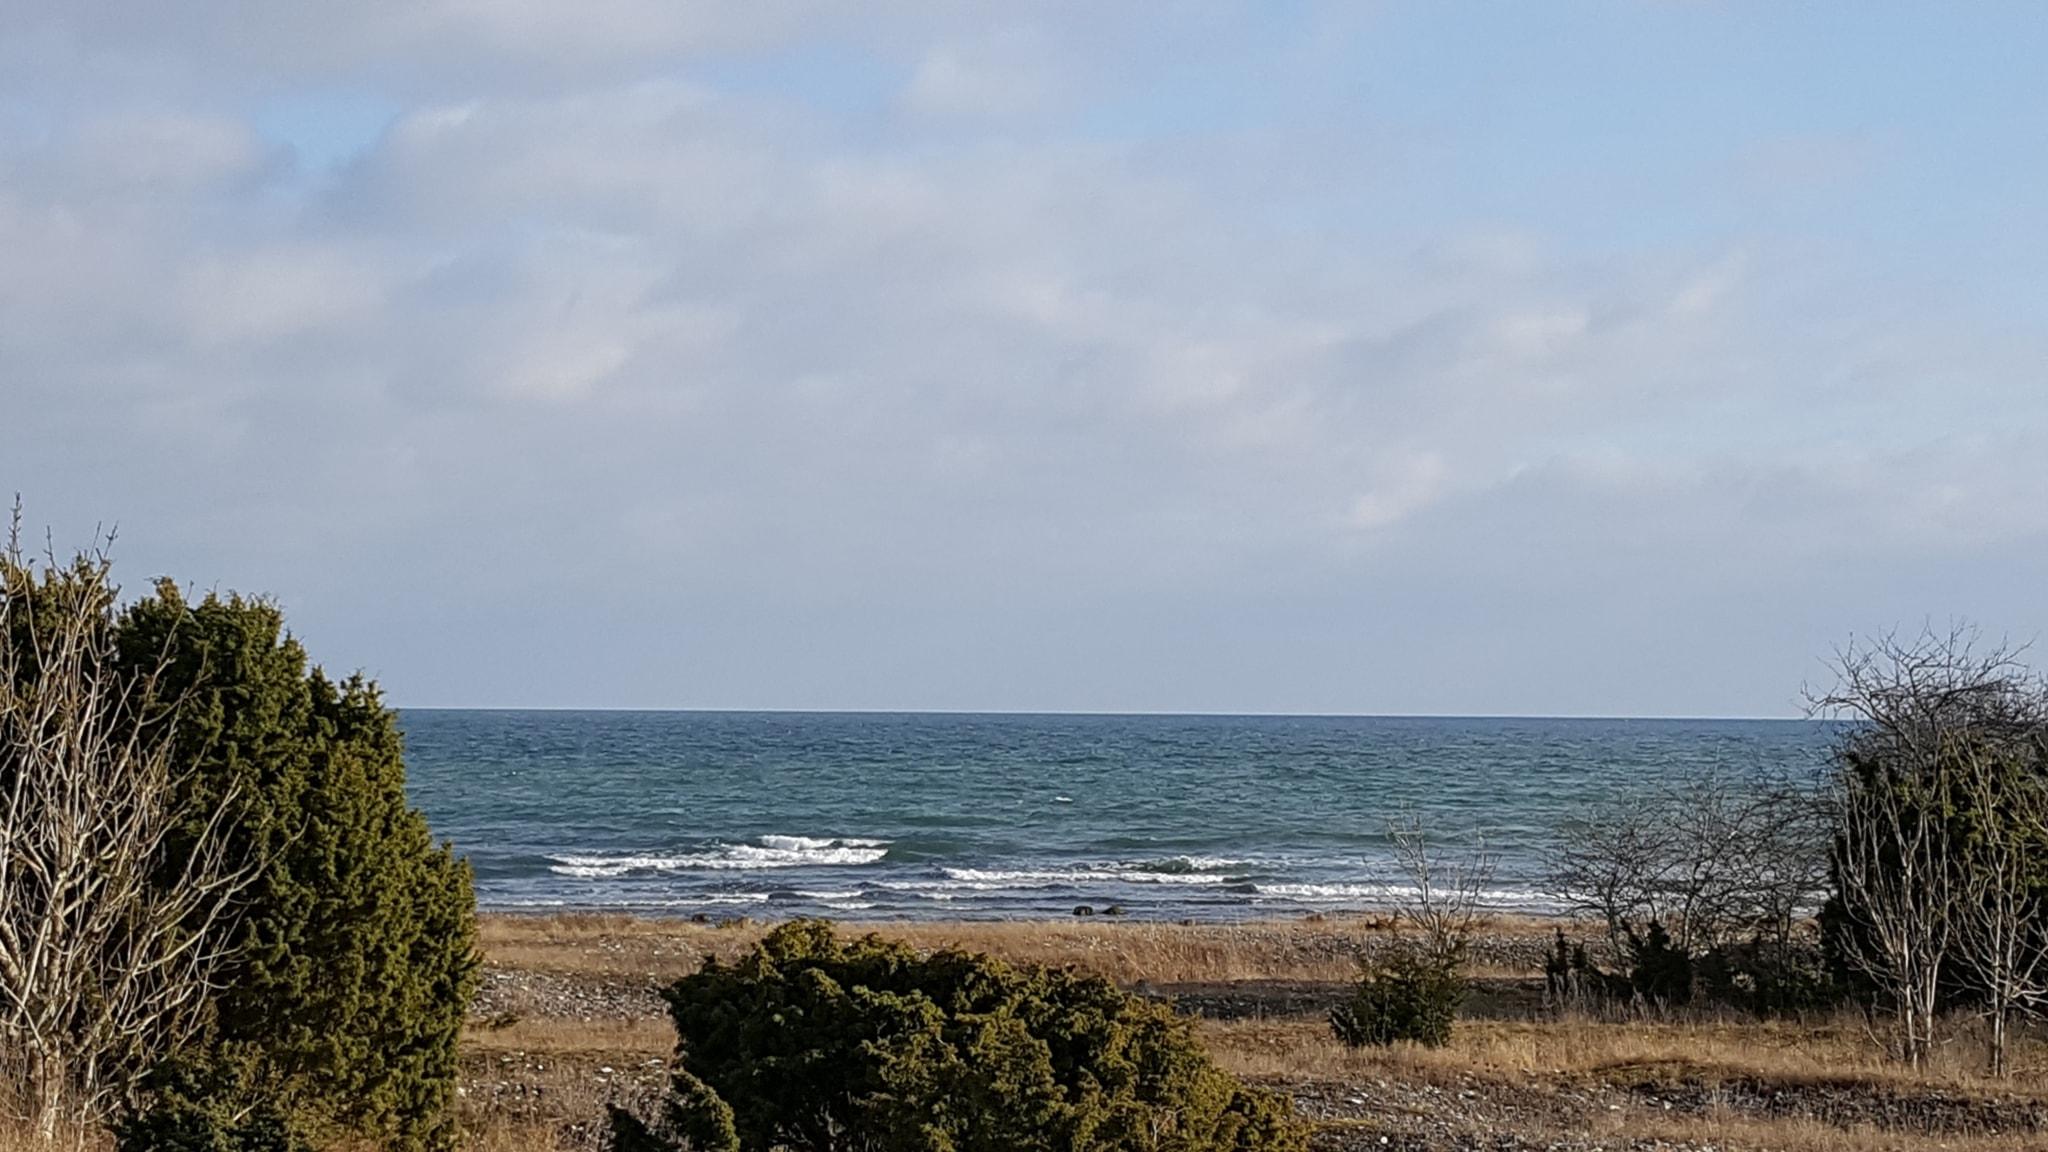 På andra sidan havet